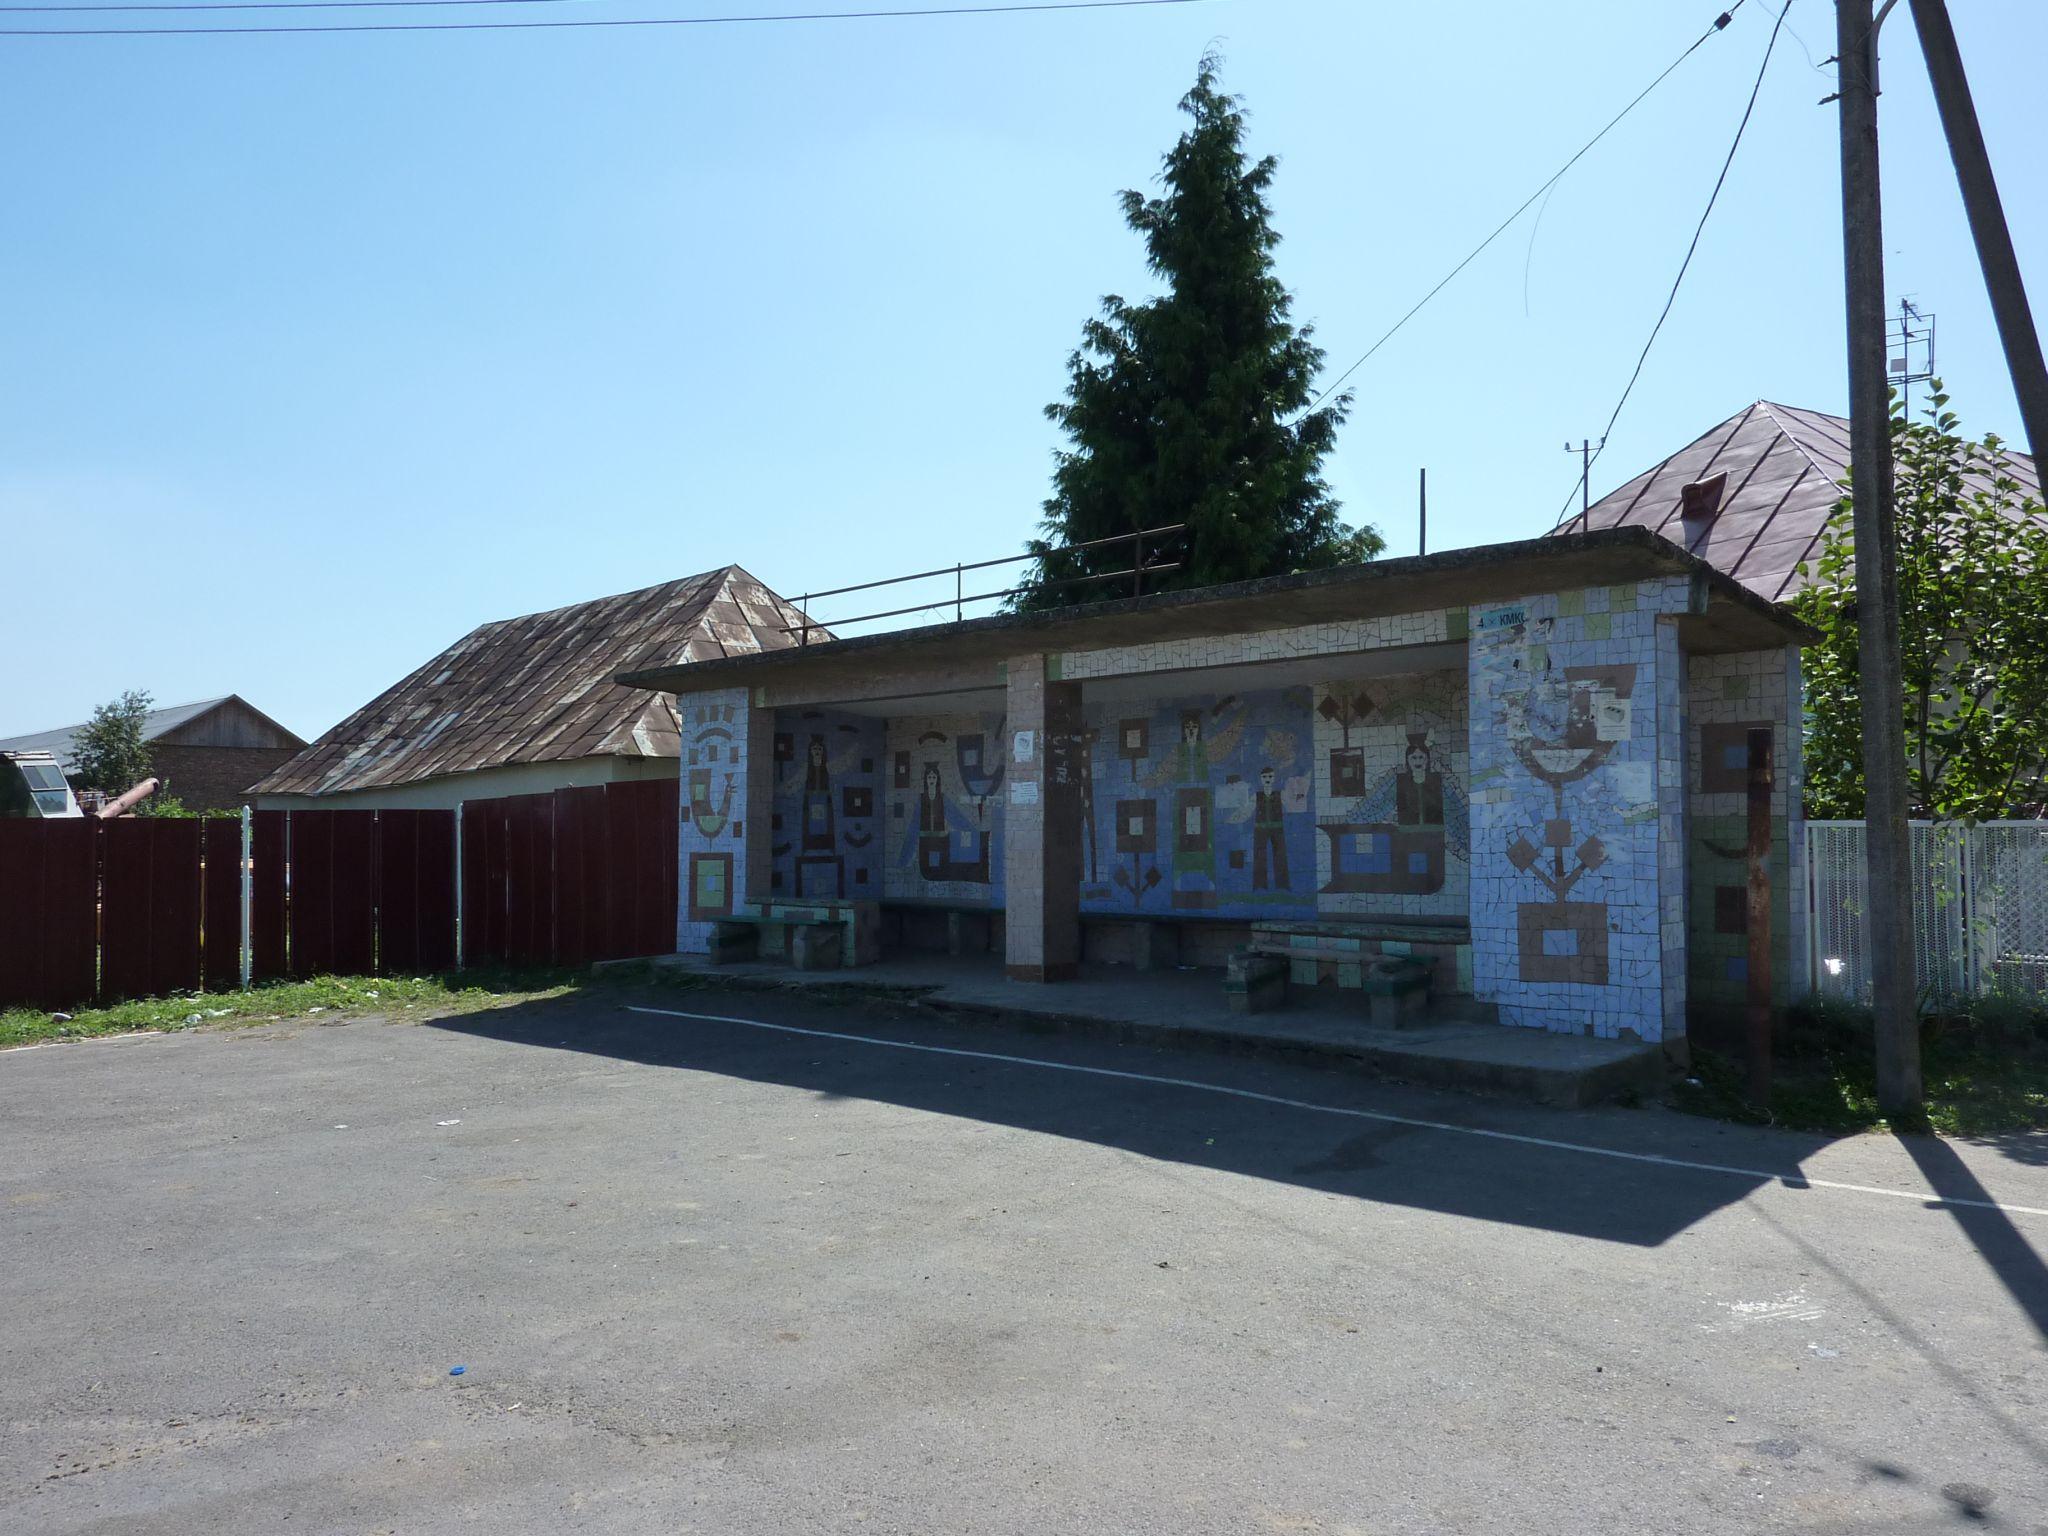 Zakarpatí, Slemence, 21.8.2009